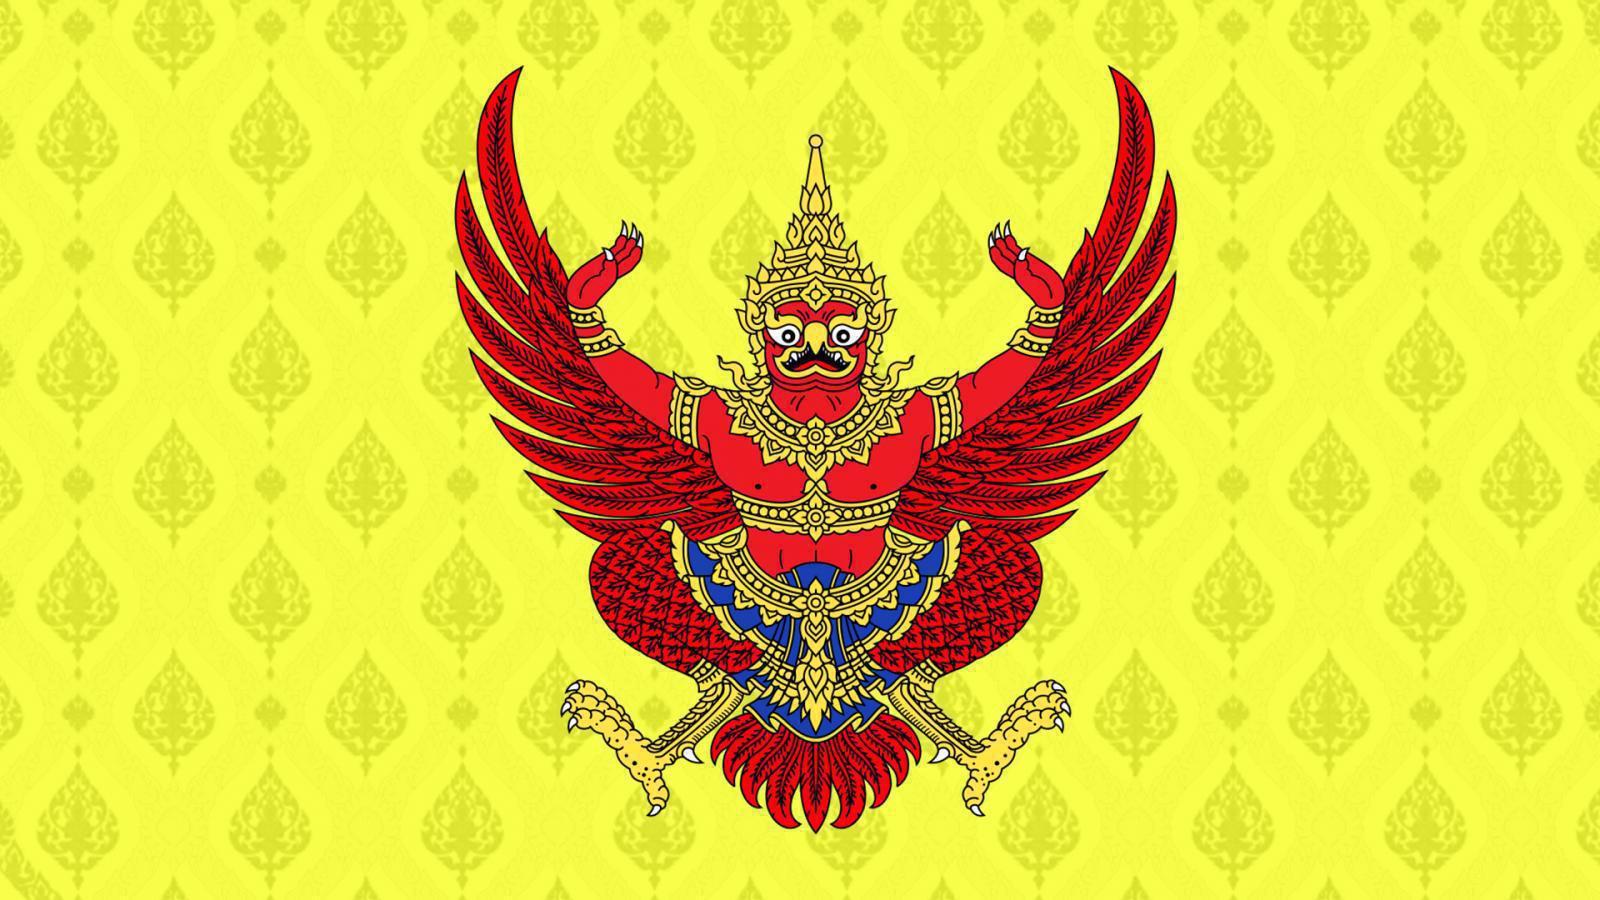 ร.10 โปรดเกล้าฯ พ.ร.ฎ.พระราชทานอภัยโทษ เพื่อให้โอกาสกลับตัวเป็นพลเมืองดี